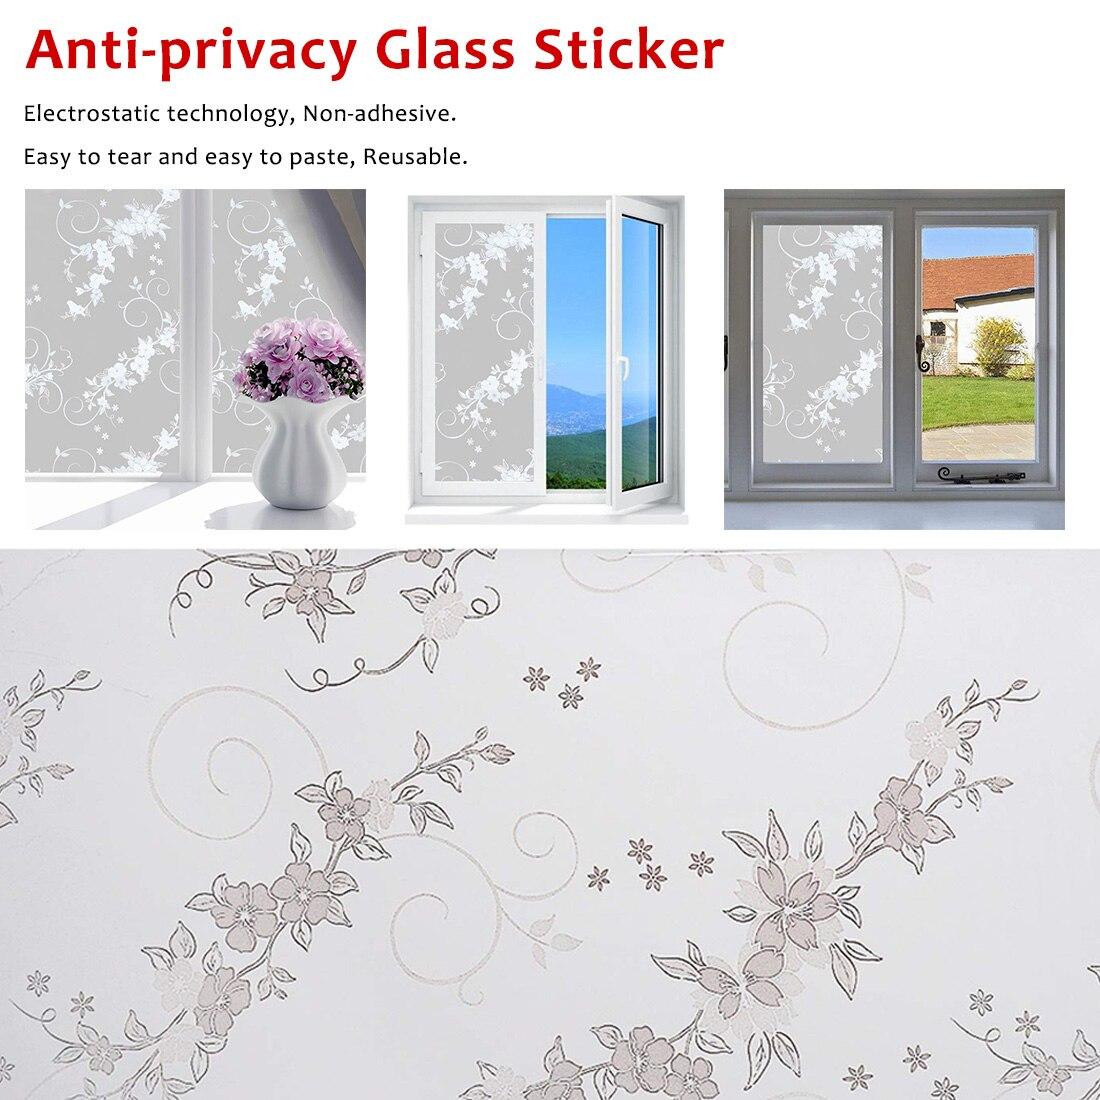 Autocollant en verre fleur givrée couverture   Autocollant en verre Anti-intimité 60x200 CM Film pour fenêtre, couverture de salle de bain discrète